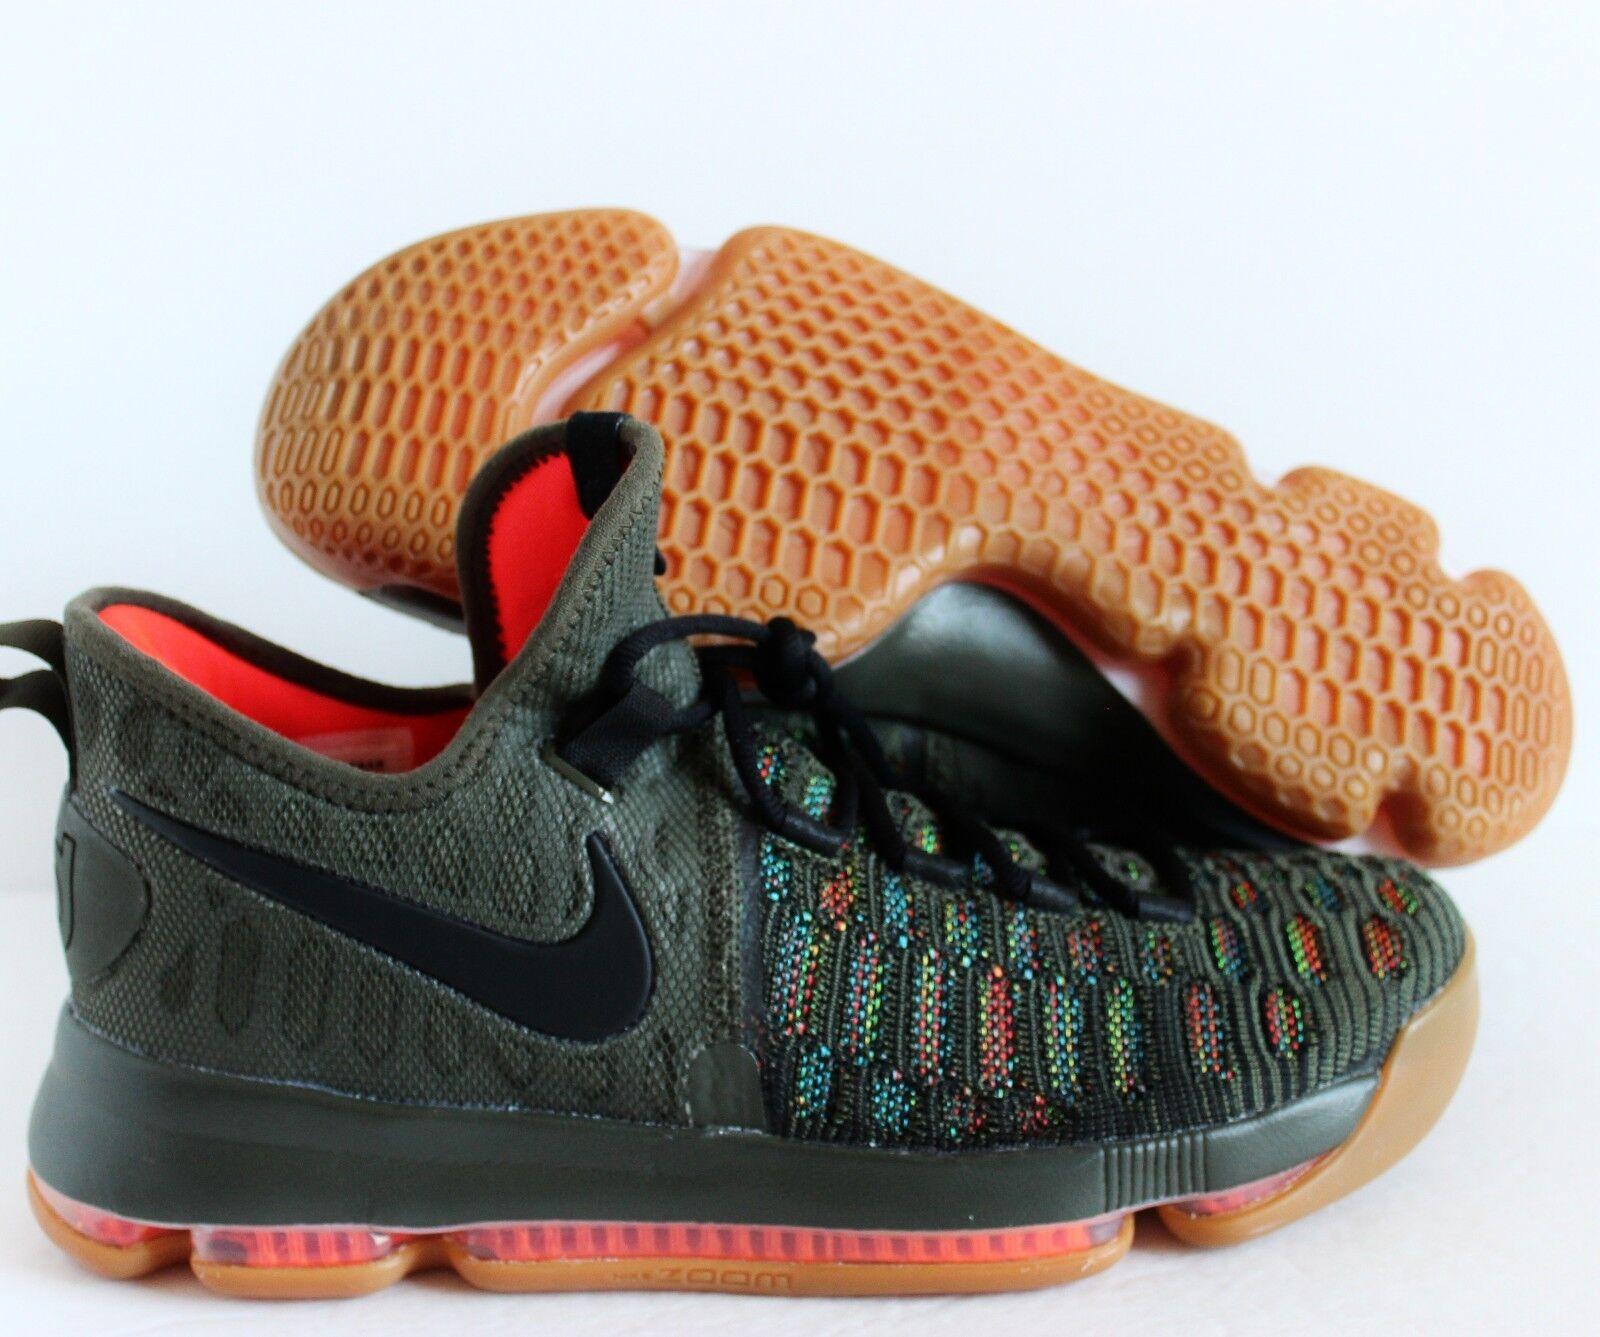 Nike KD 9 IX id multi color / negro verde del Kevin Durant la reducción del verde precio de descuento de la marca 1d1c2f